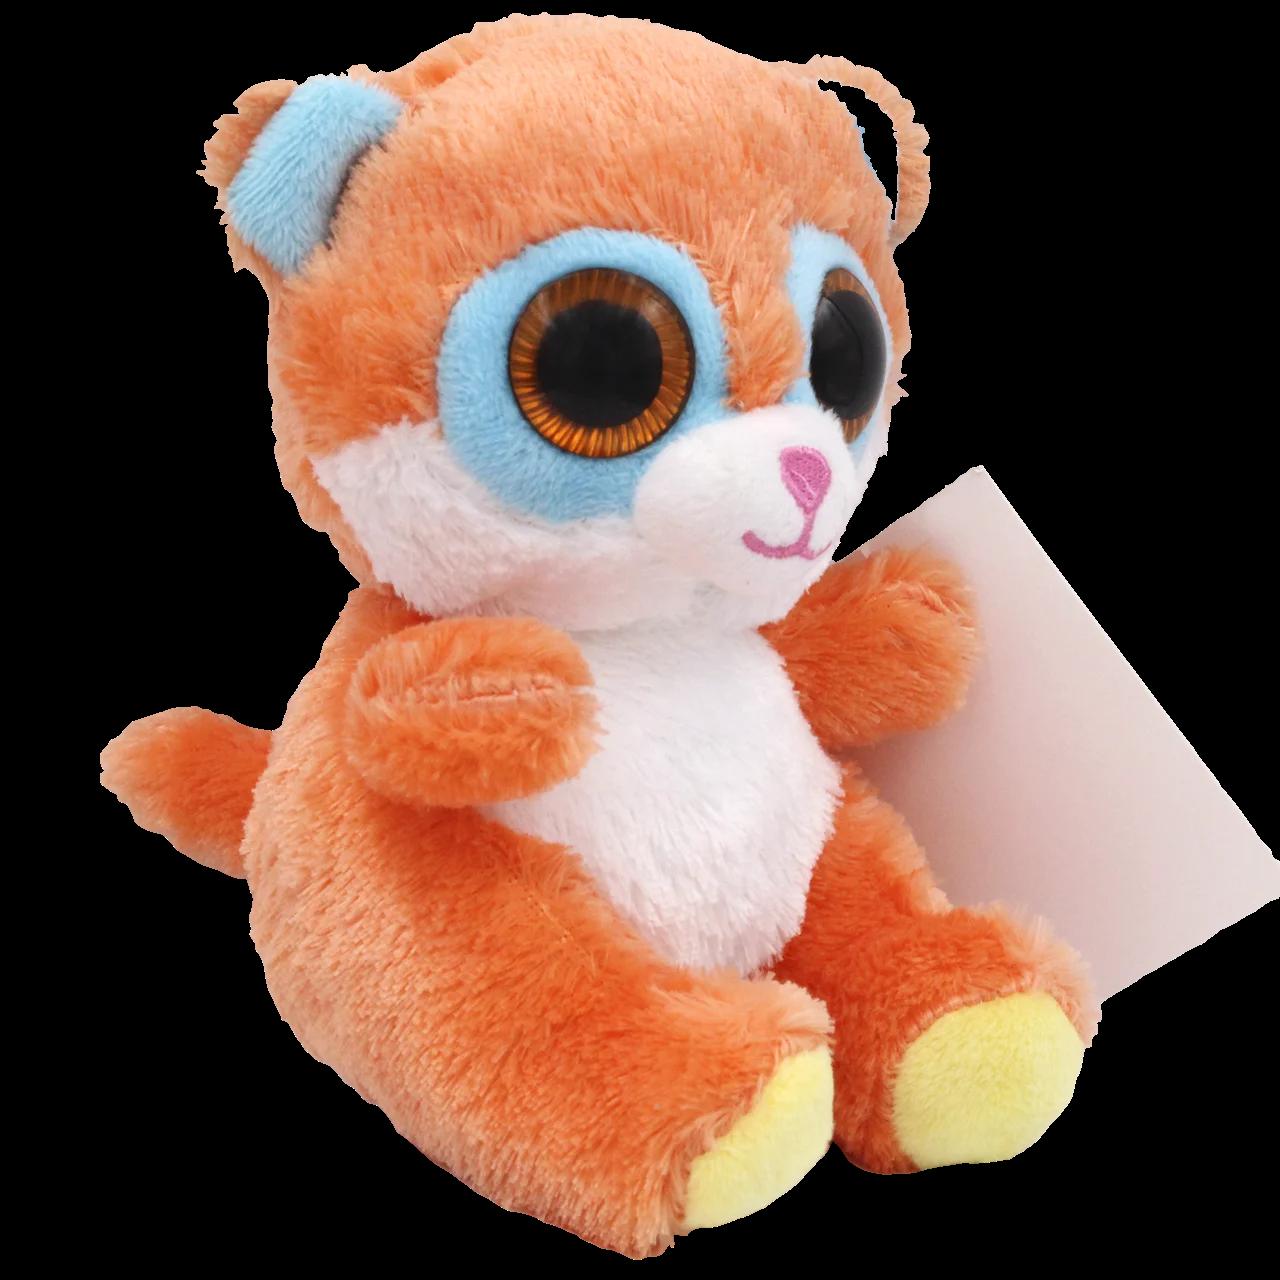 Мягкая игрушка Глазастик Оранжевый15 см